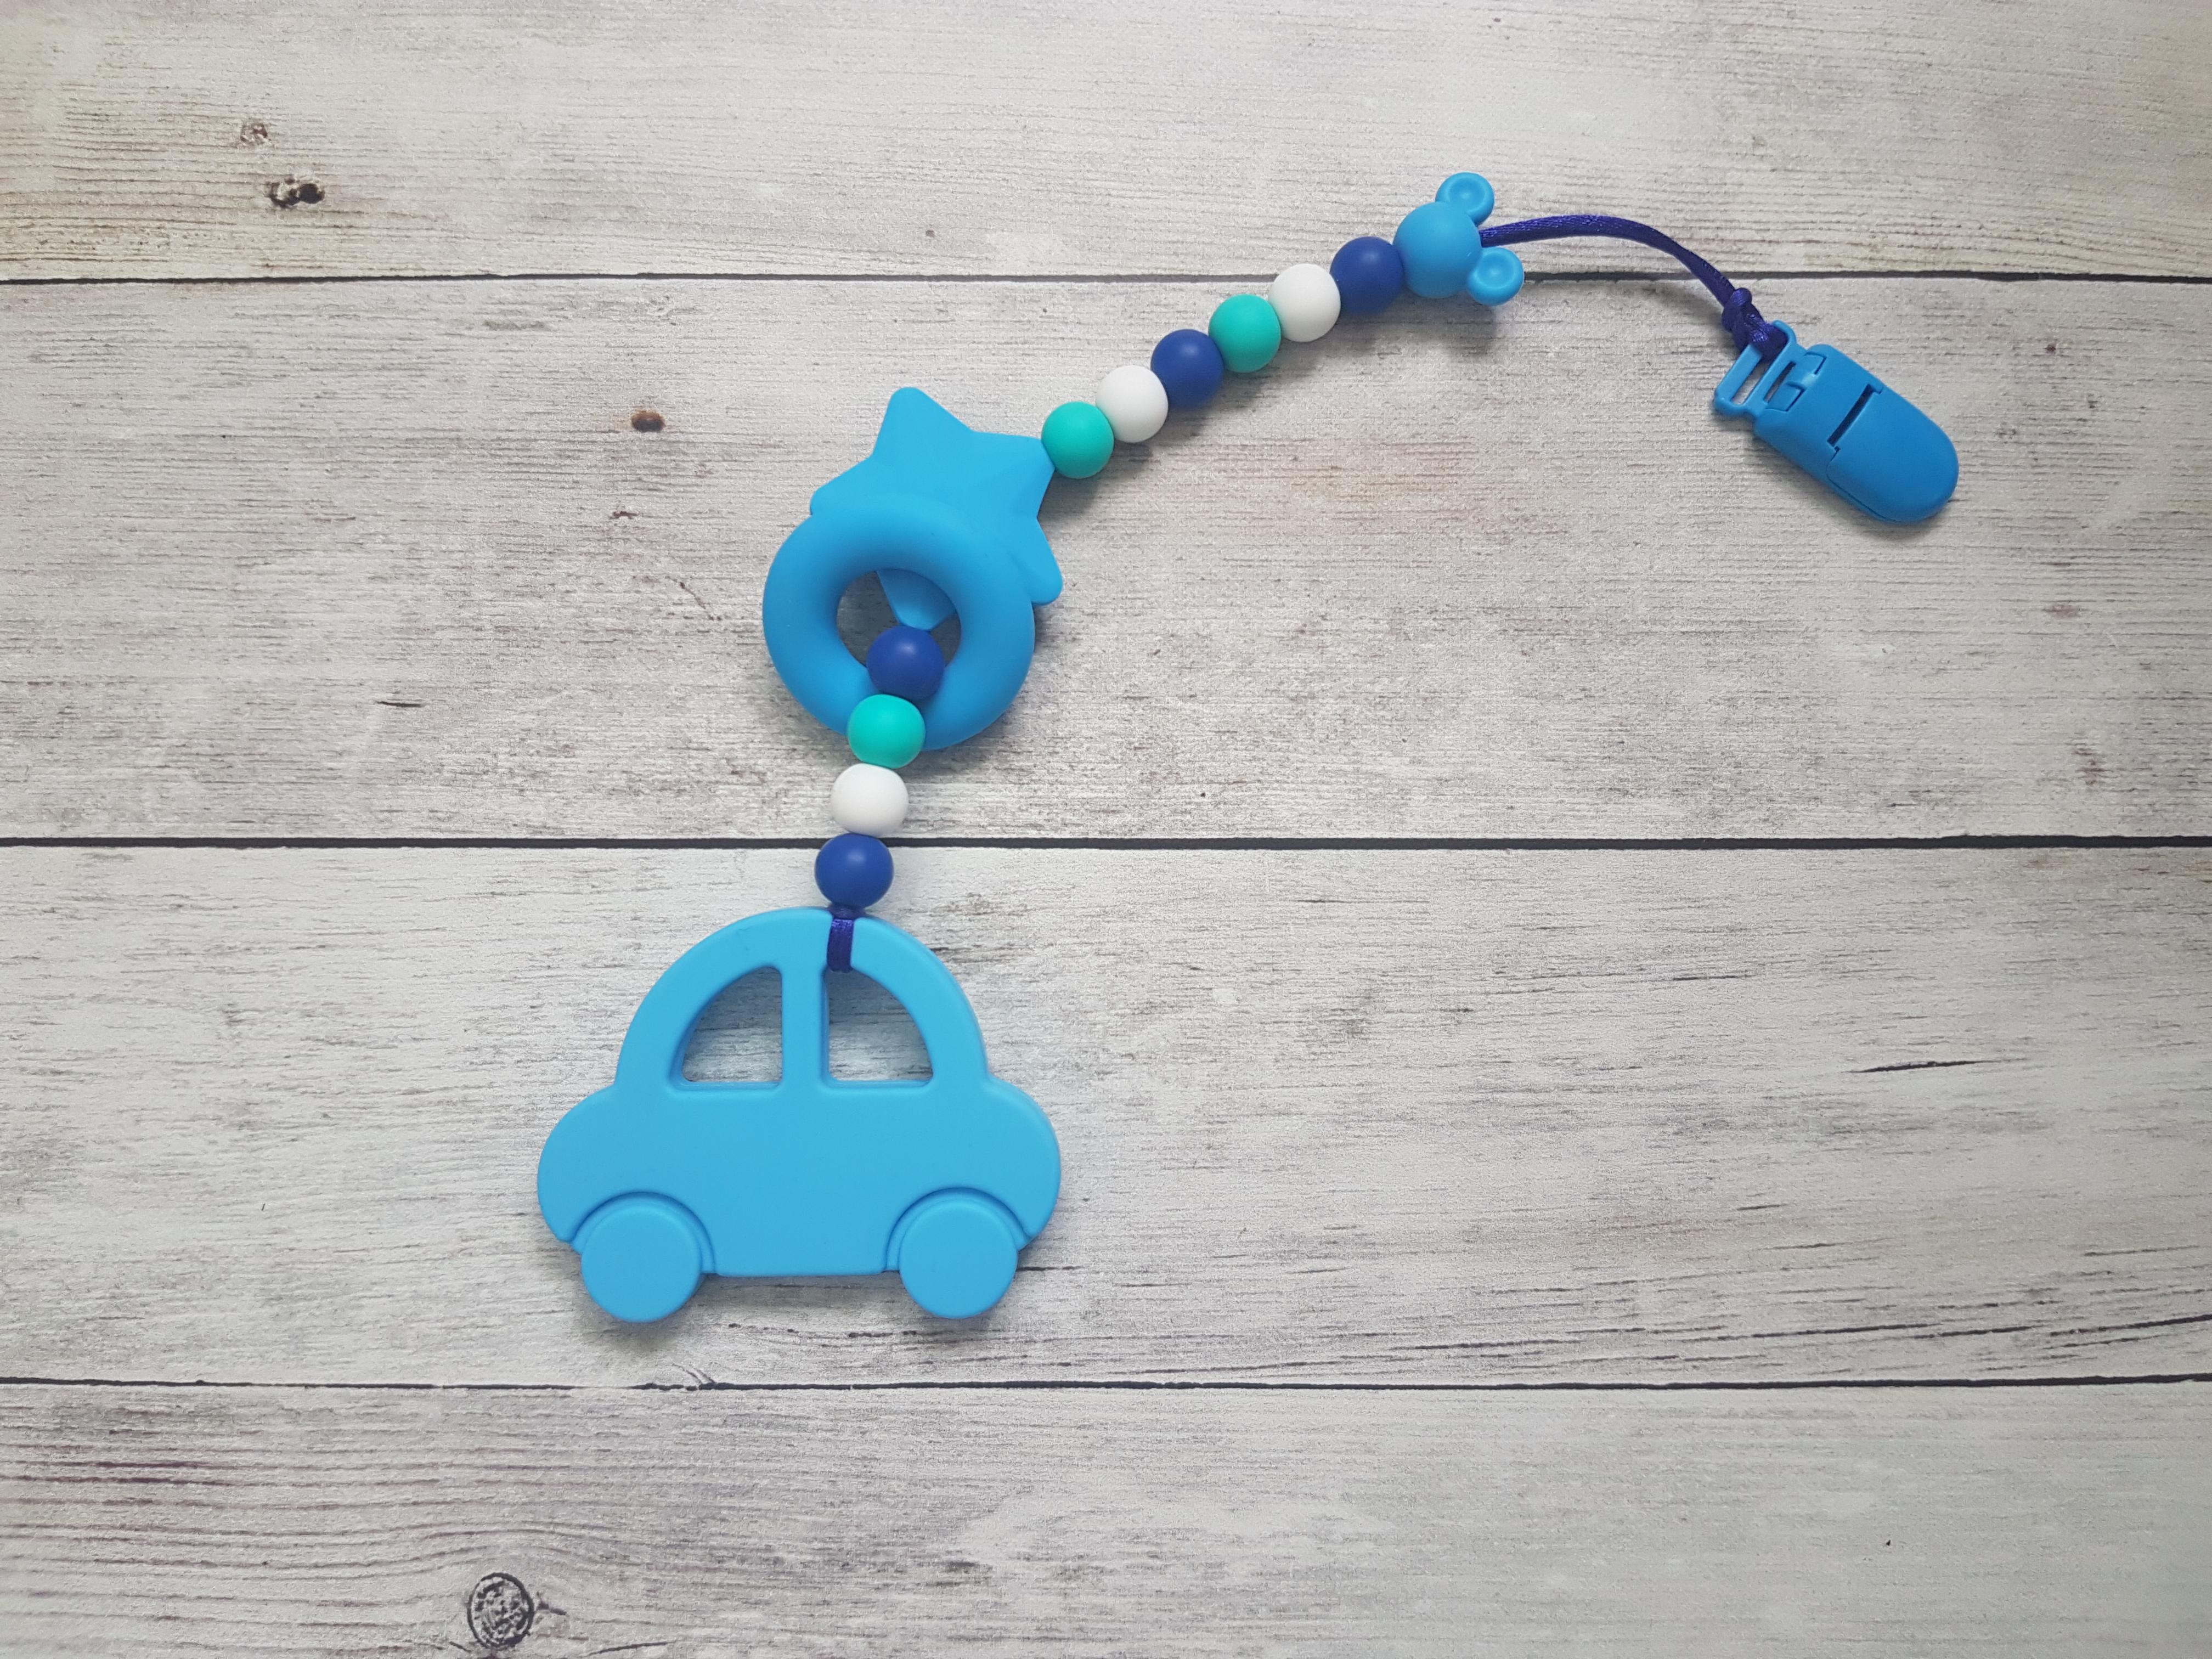 Egy ágú színes rágóka (vilagoskek_auto)